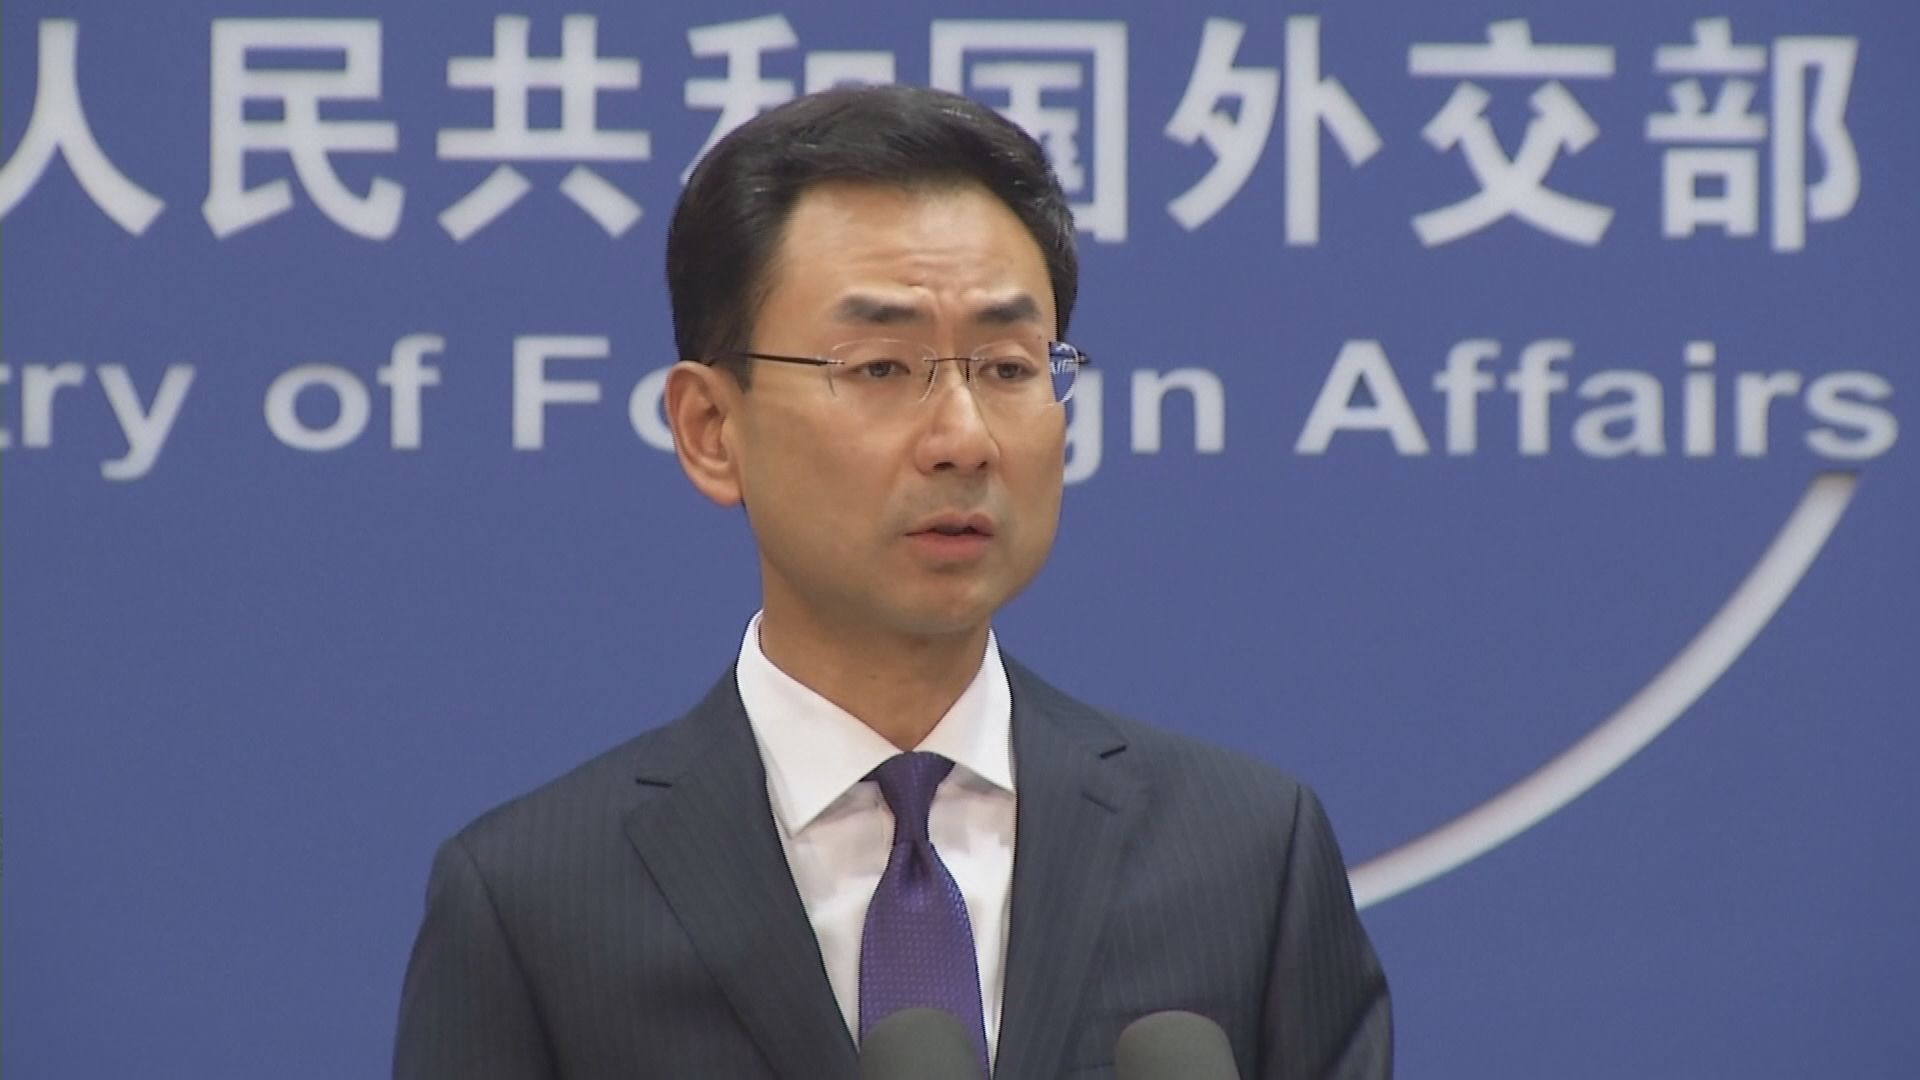 外交部:反對有組織評論港府禁民族黨運作